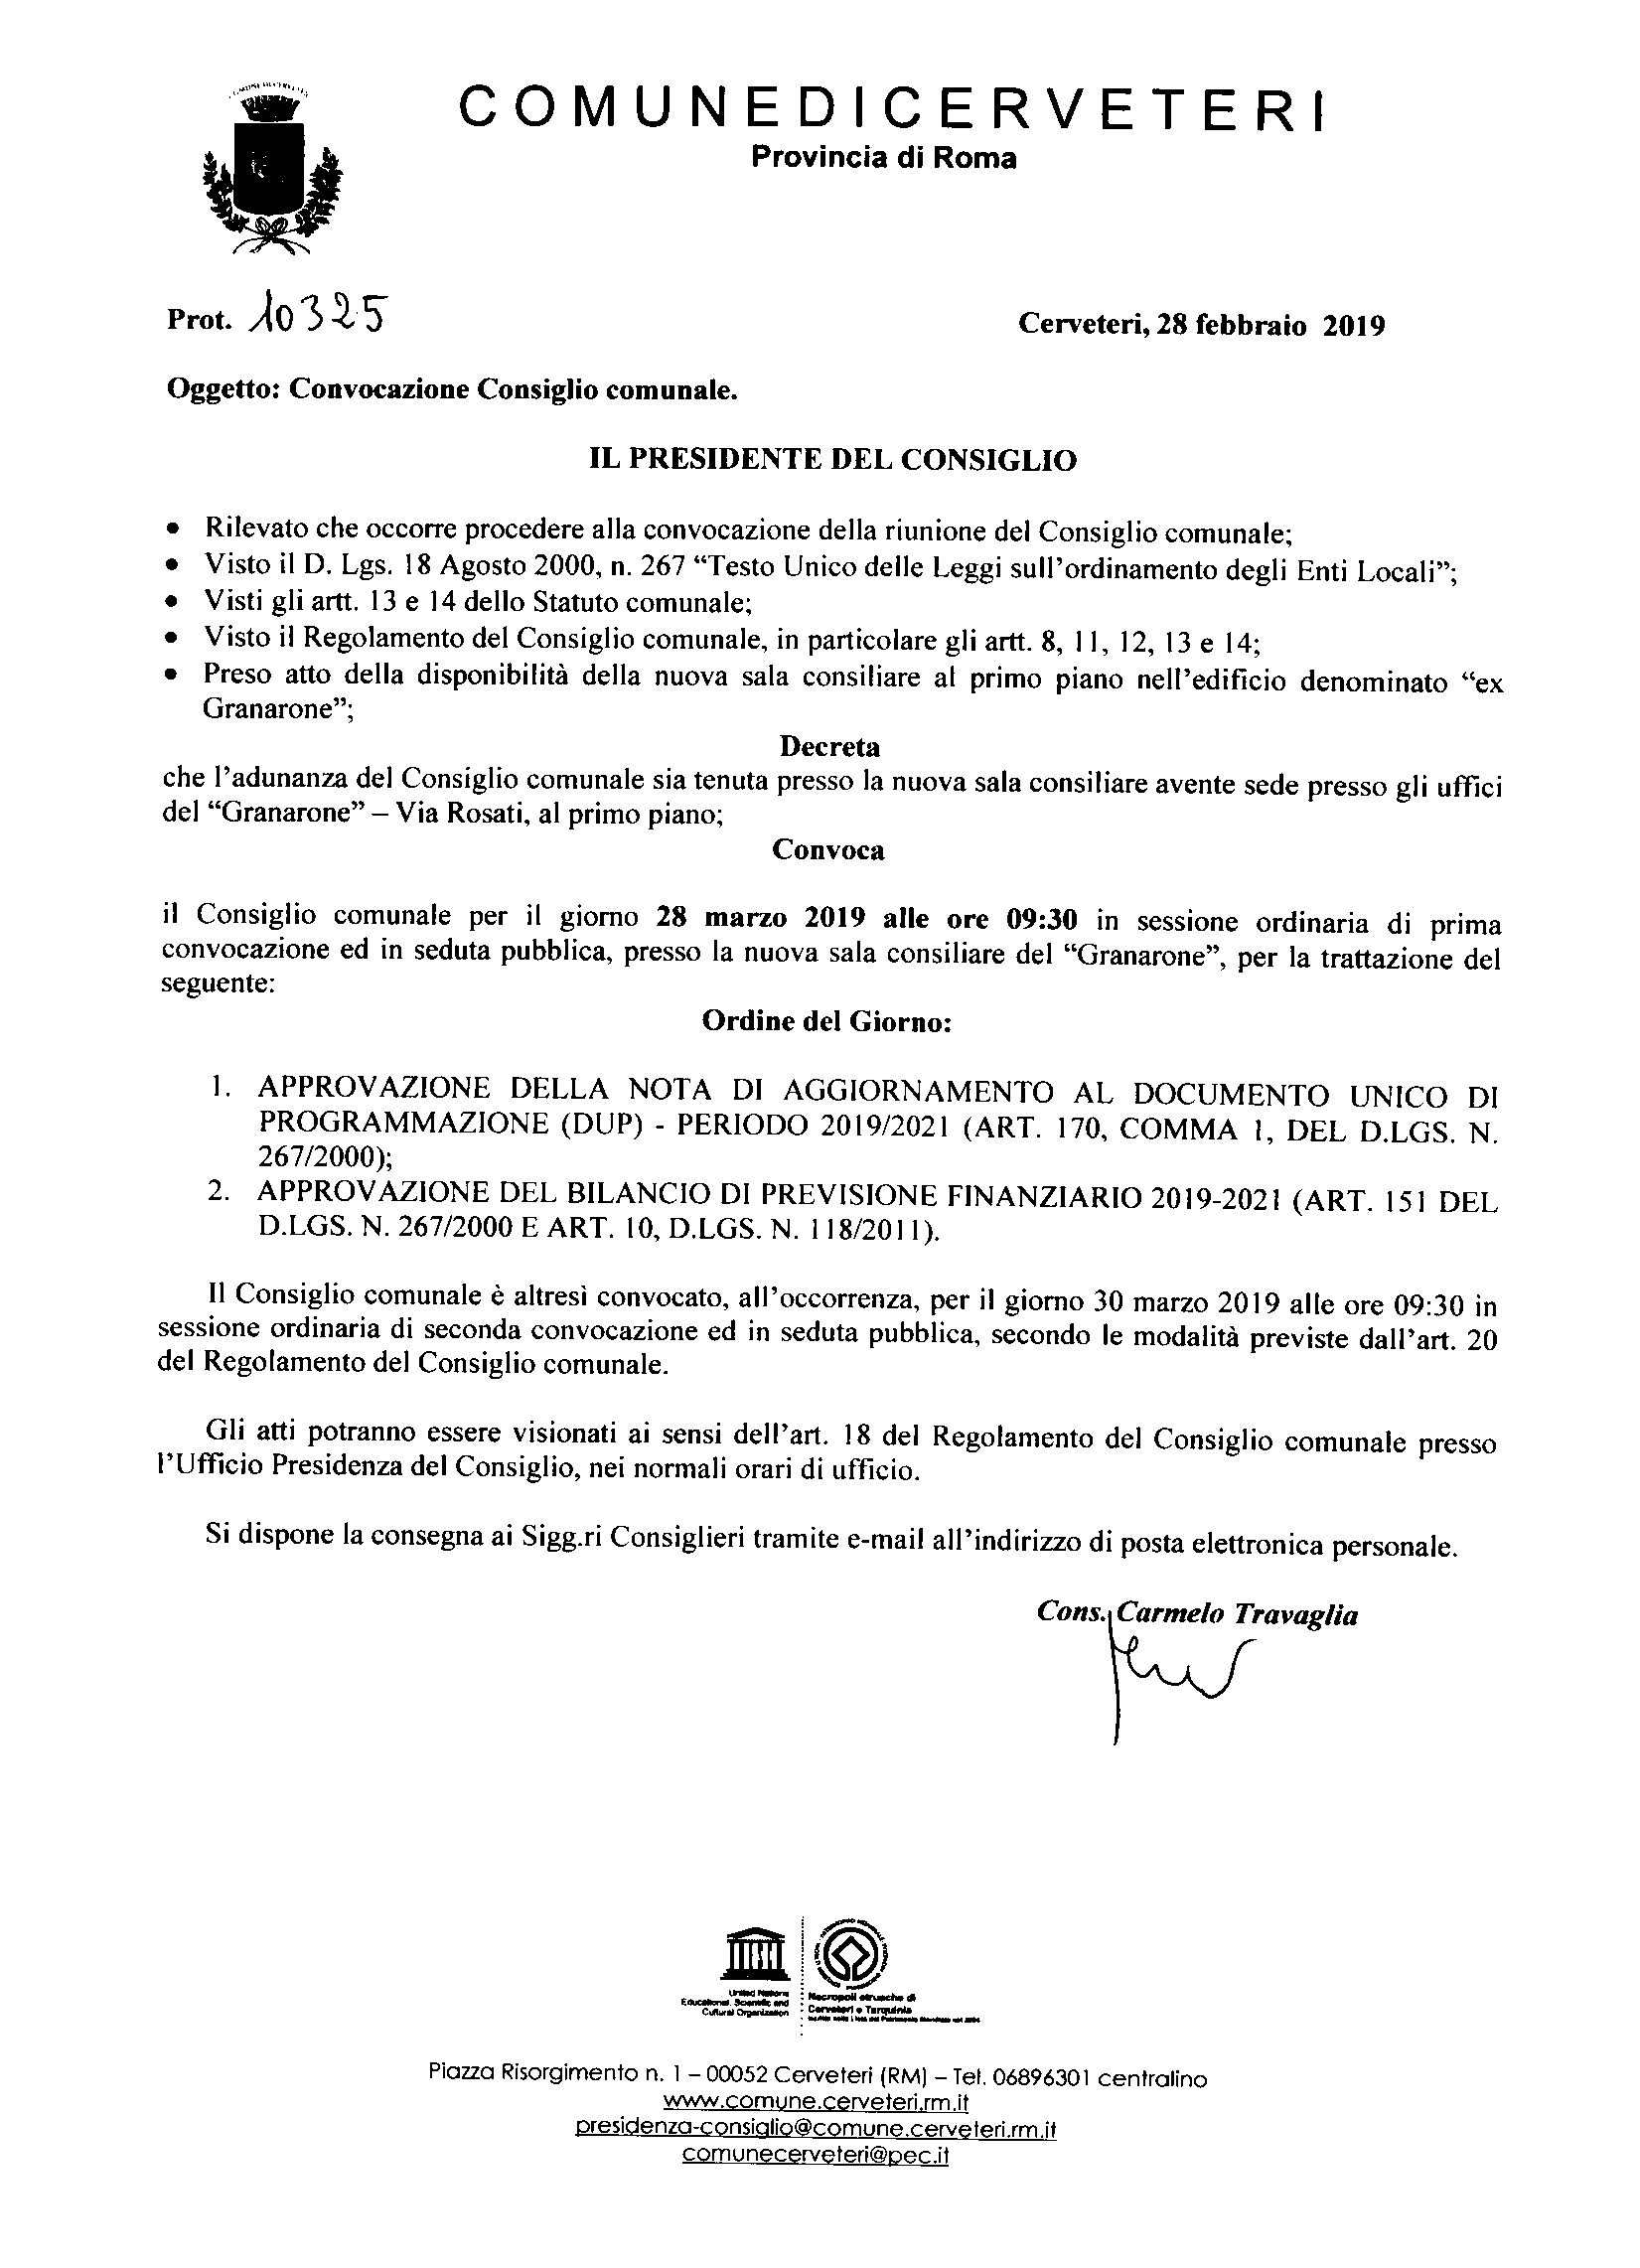 Convocazione Consiglio Comunale del 28/03/2019